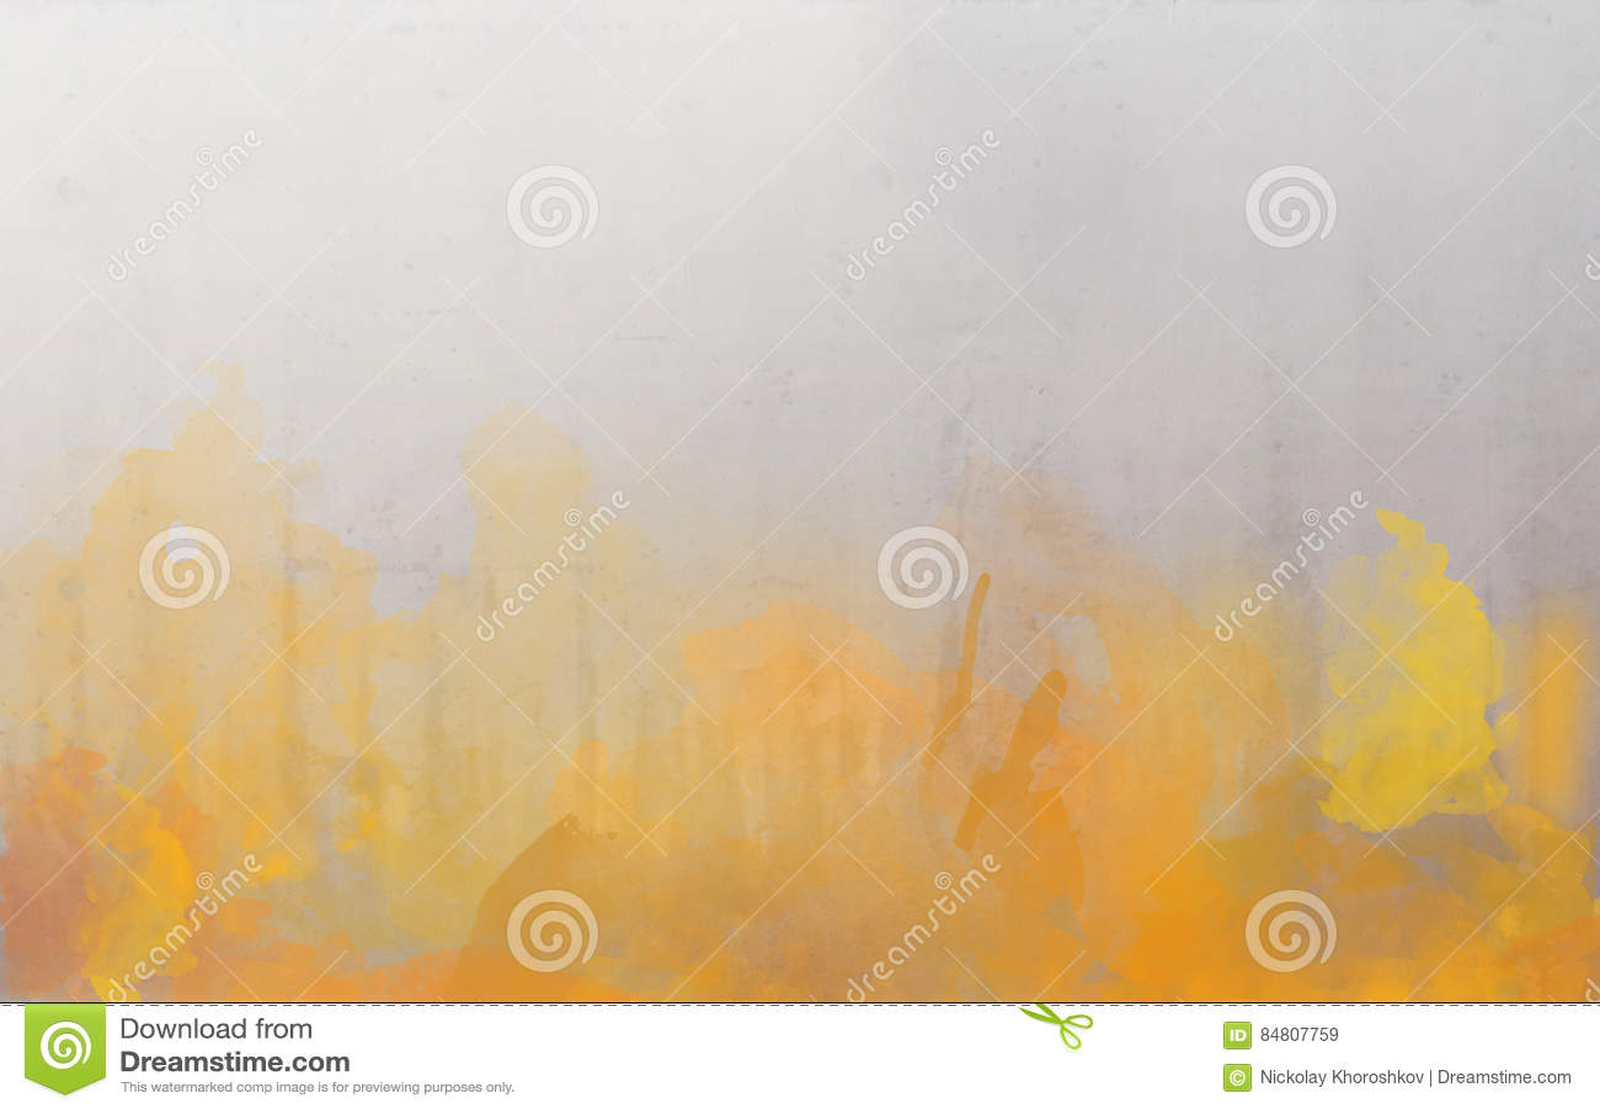 Fundo amarelo e alaranjado do sumário da aquarela